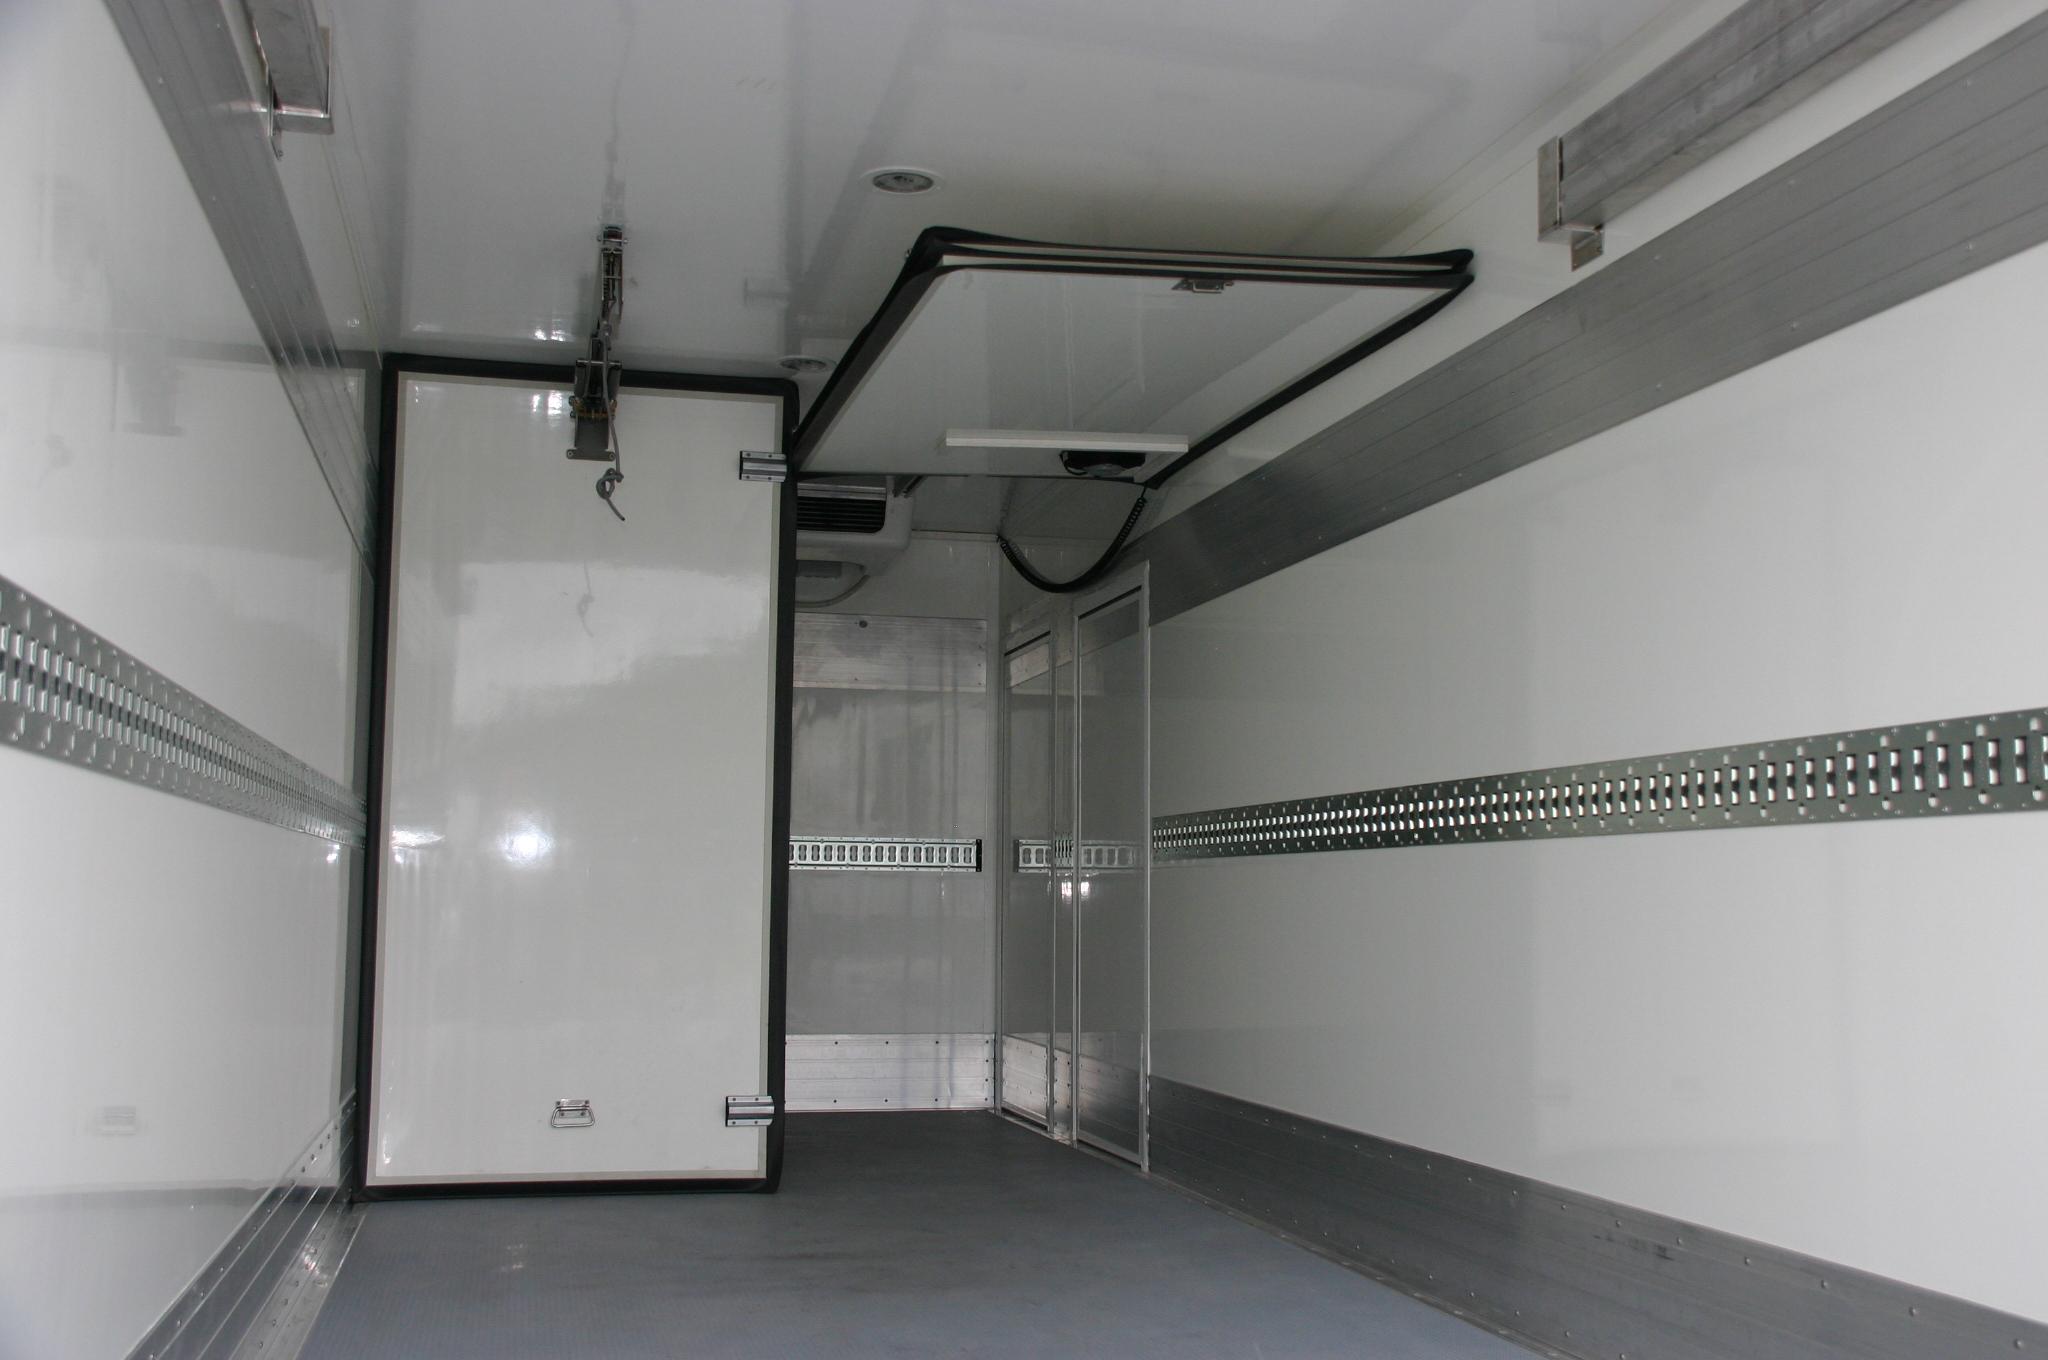 Binnenzijde koelwagen